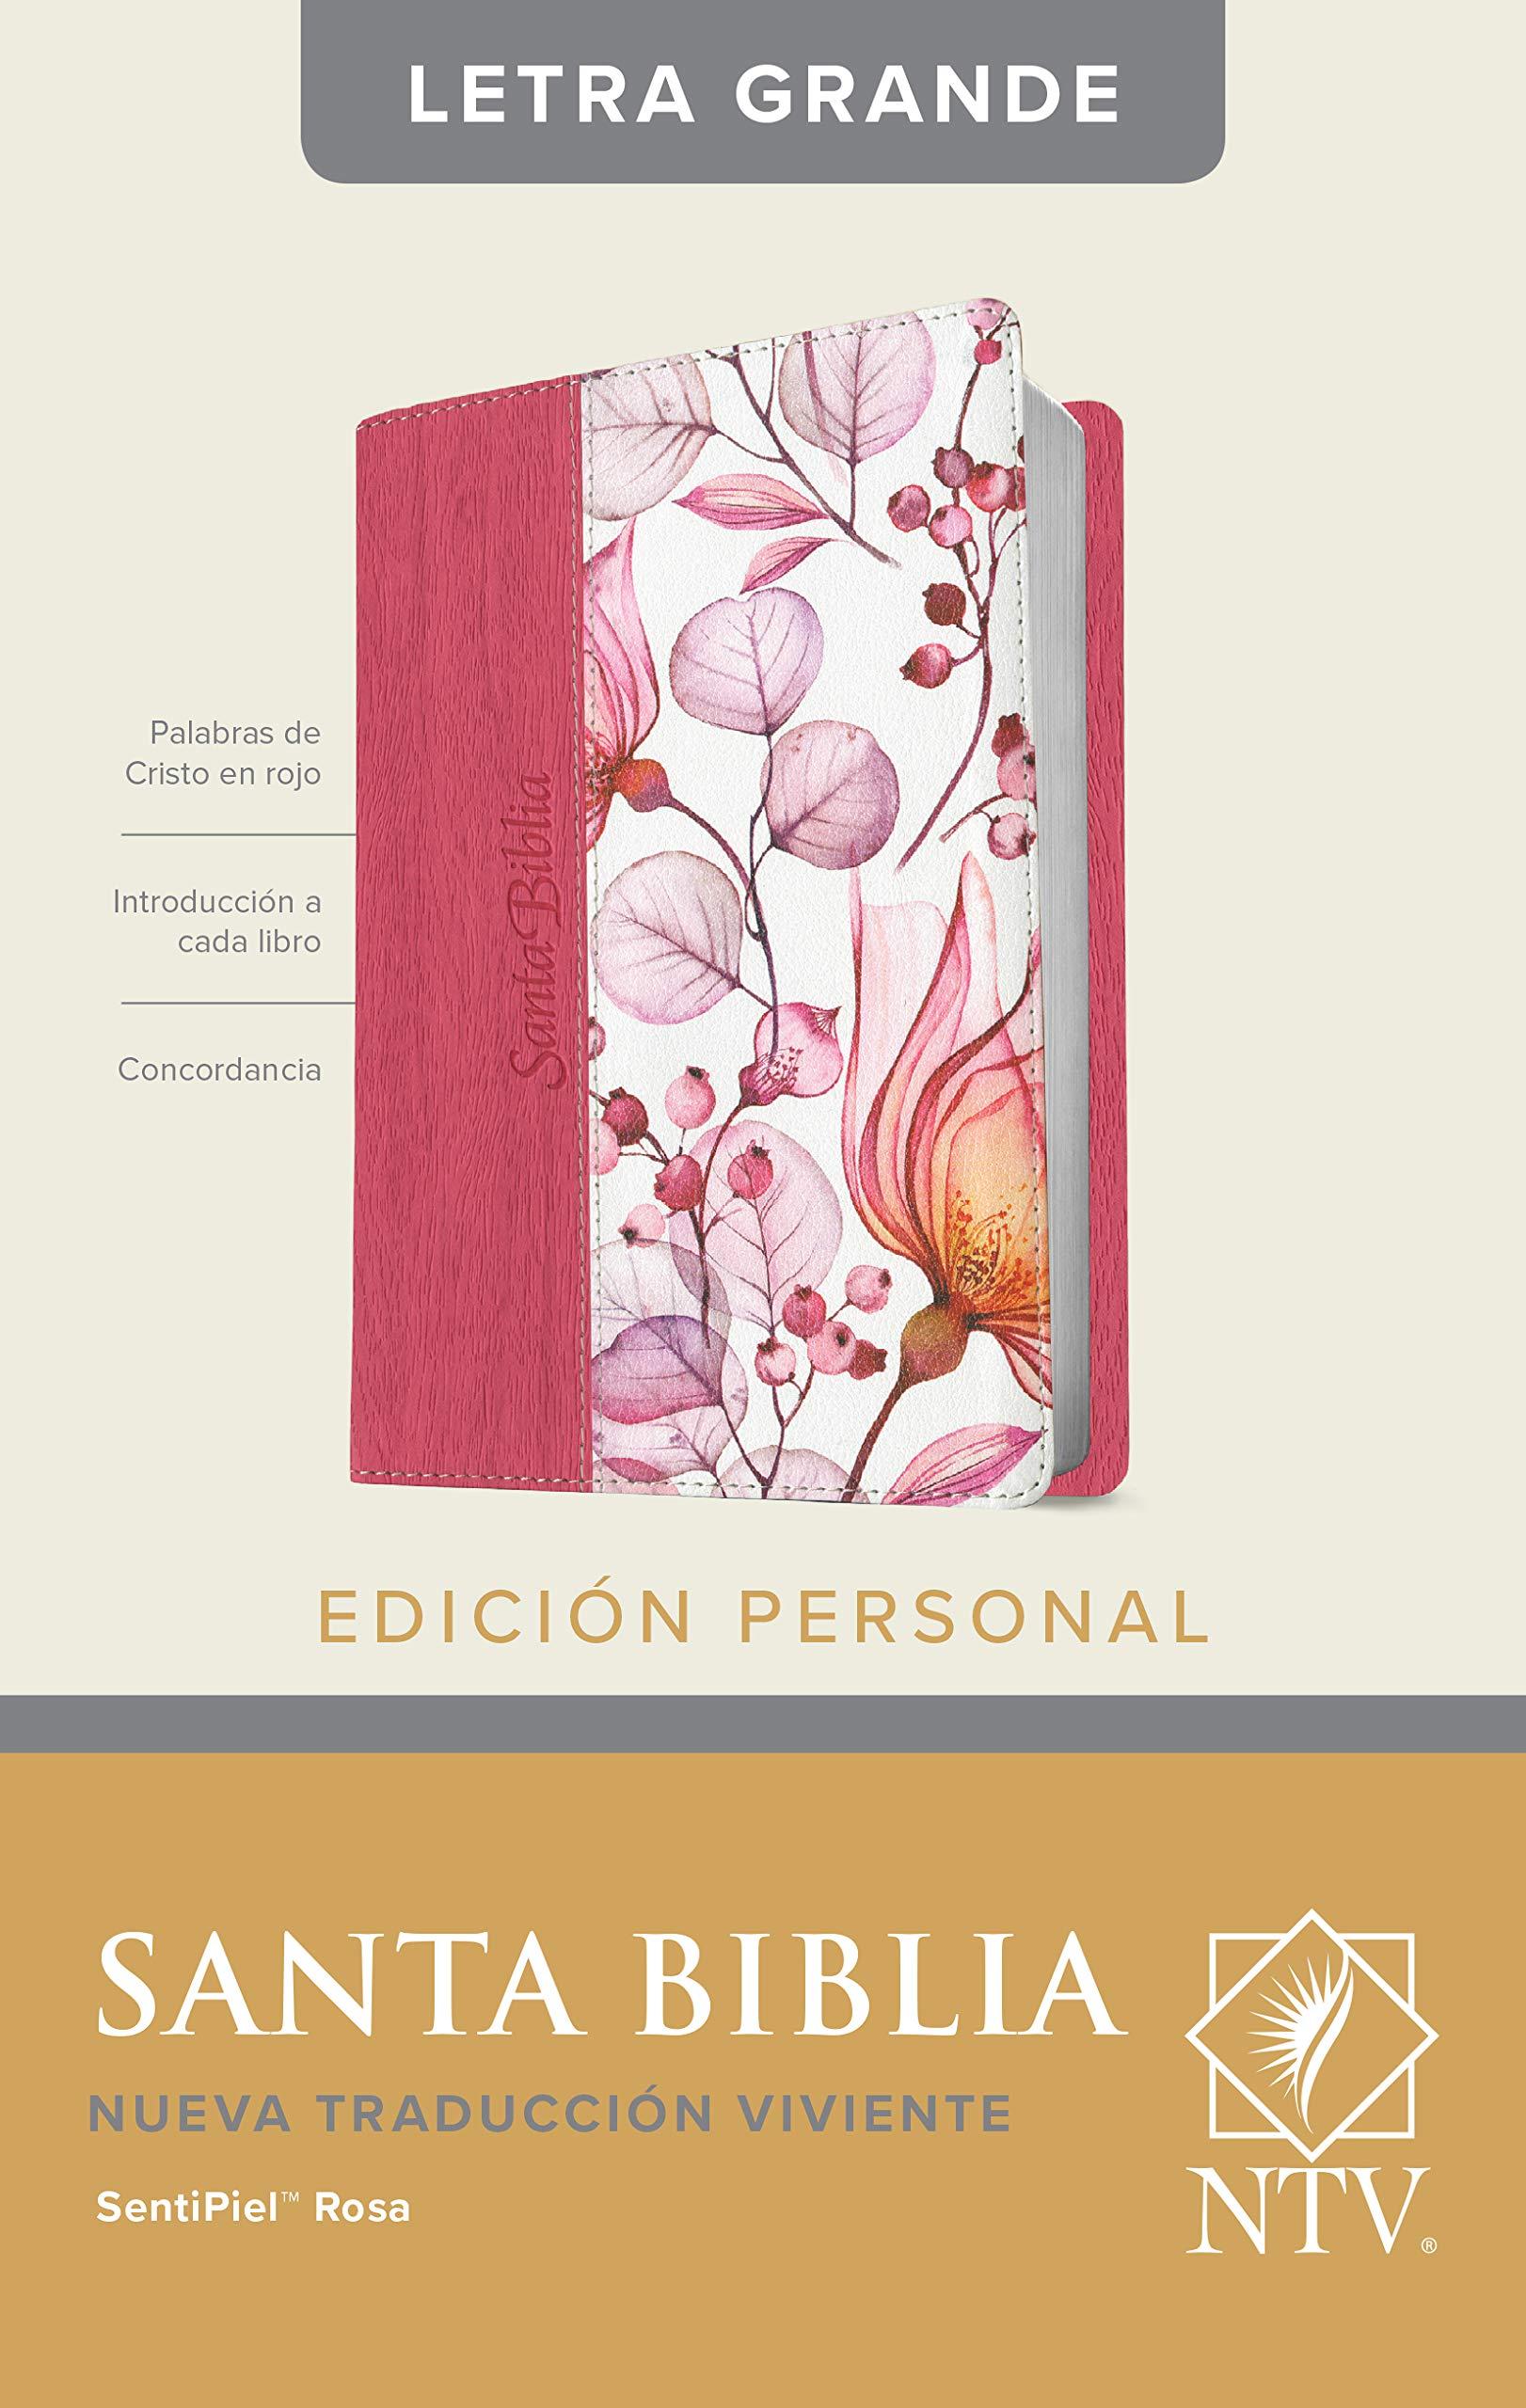 Biblia NTV/Edicion Personal/Letra Grande/Rosada Flores/Sentipiel